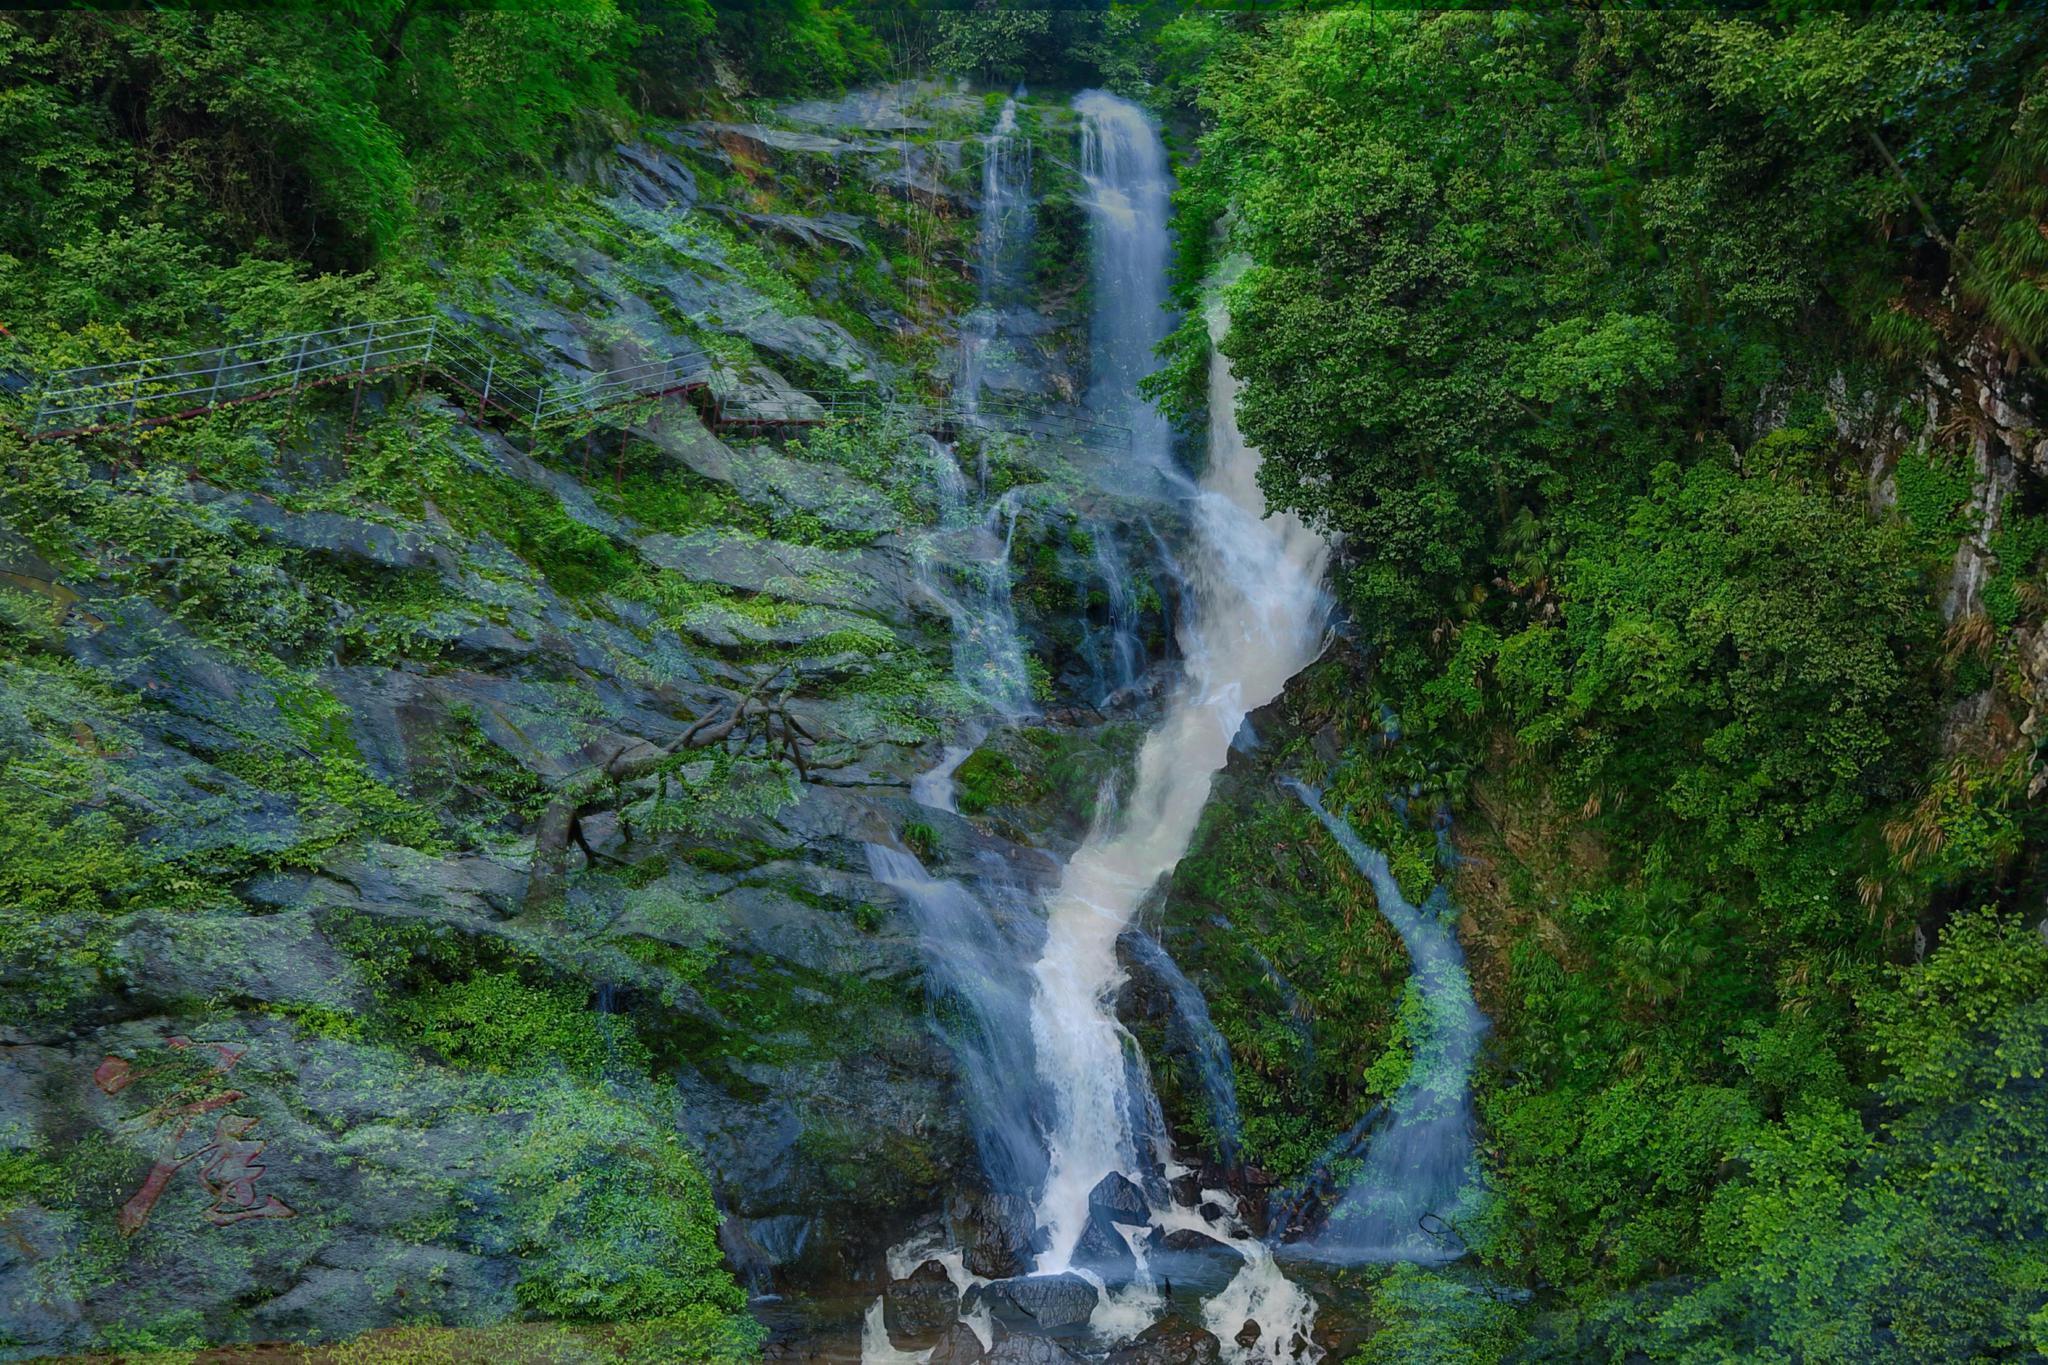 安徽两条壮观的瀑布:一条国内独一无二,一条深藏峡谷